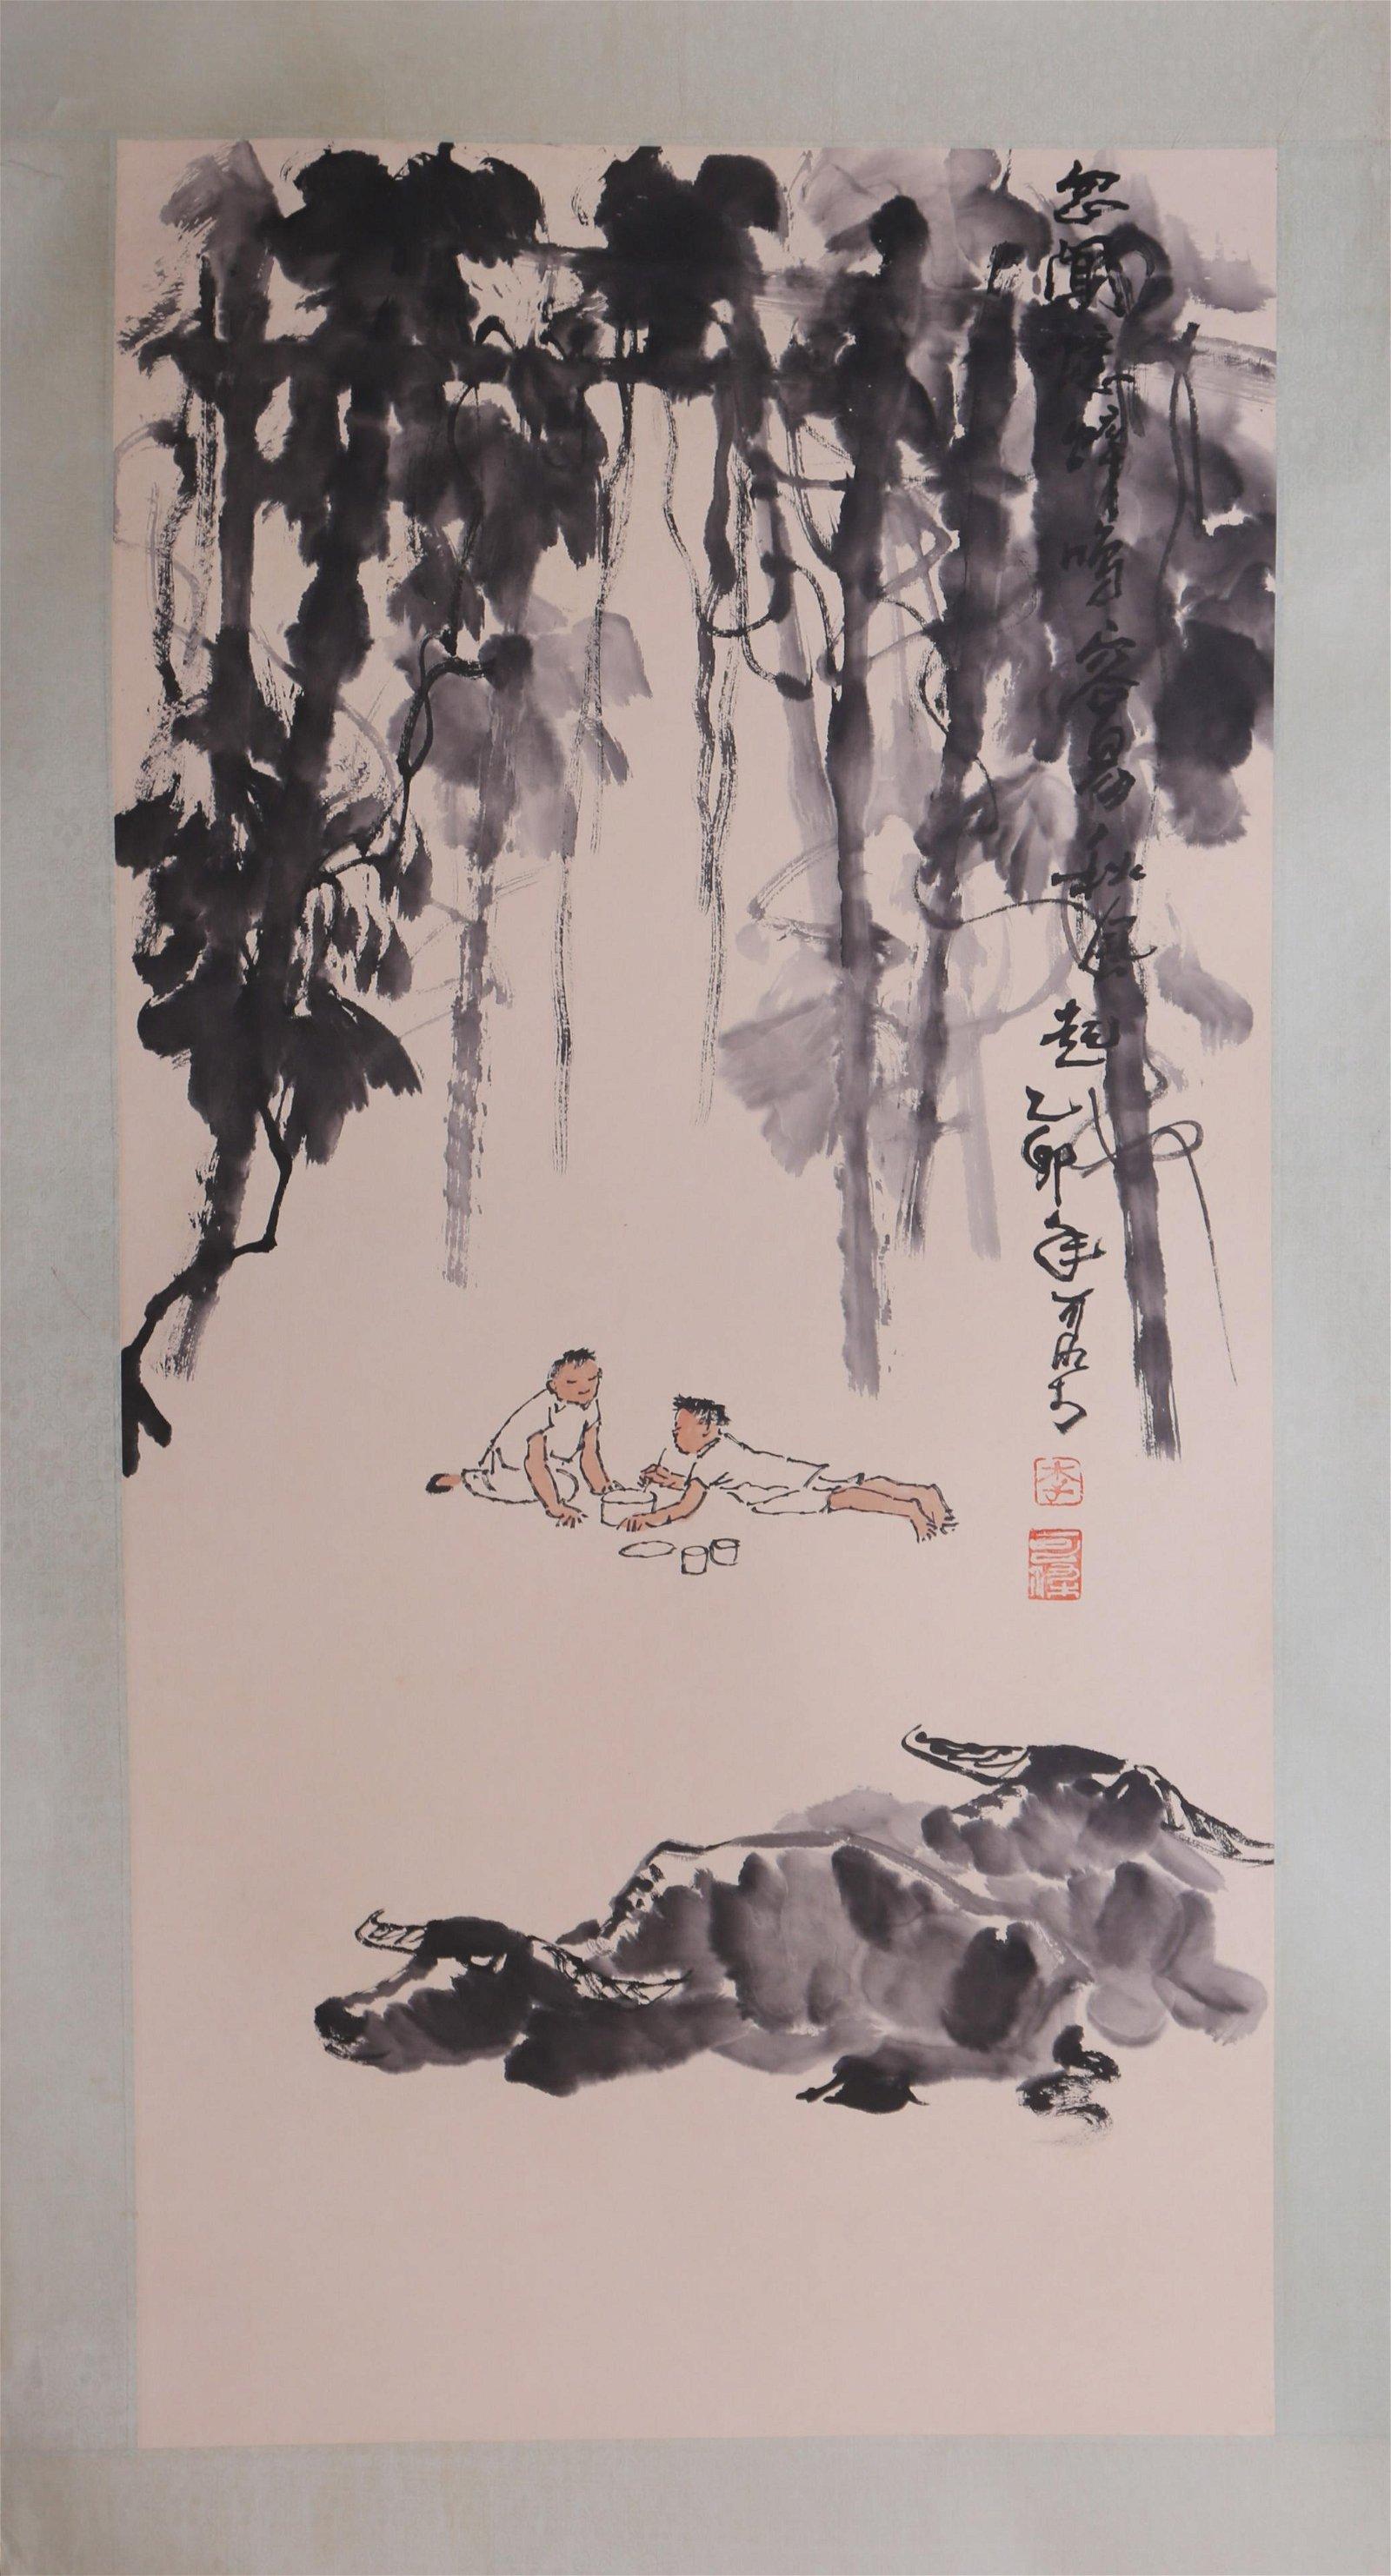 Li Keran Ox Painting